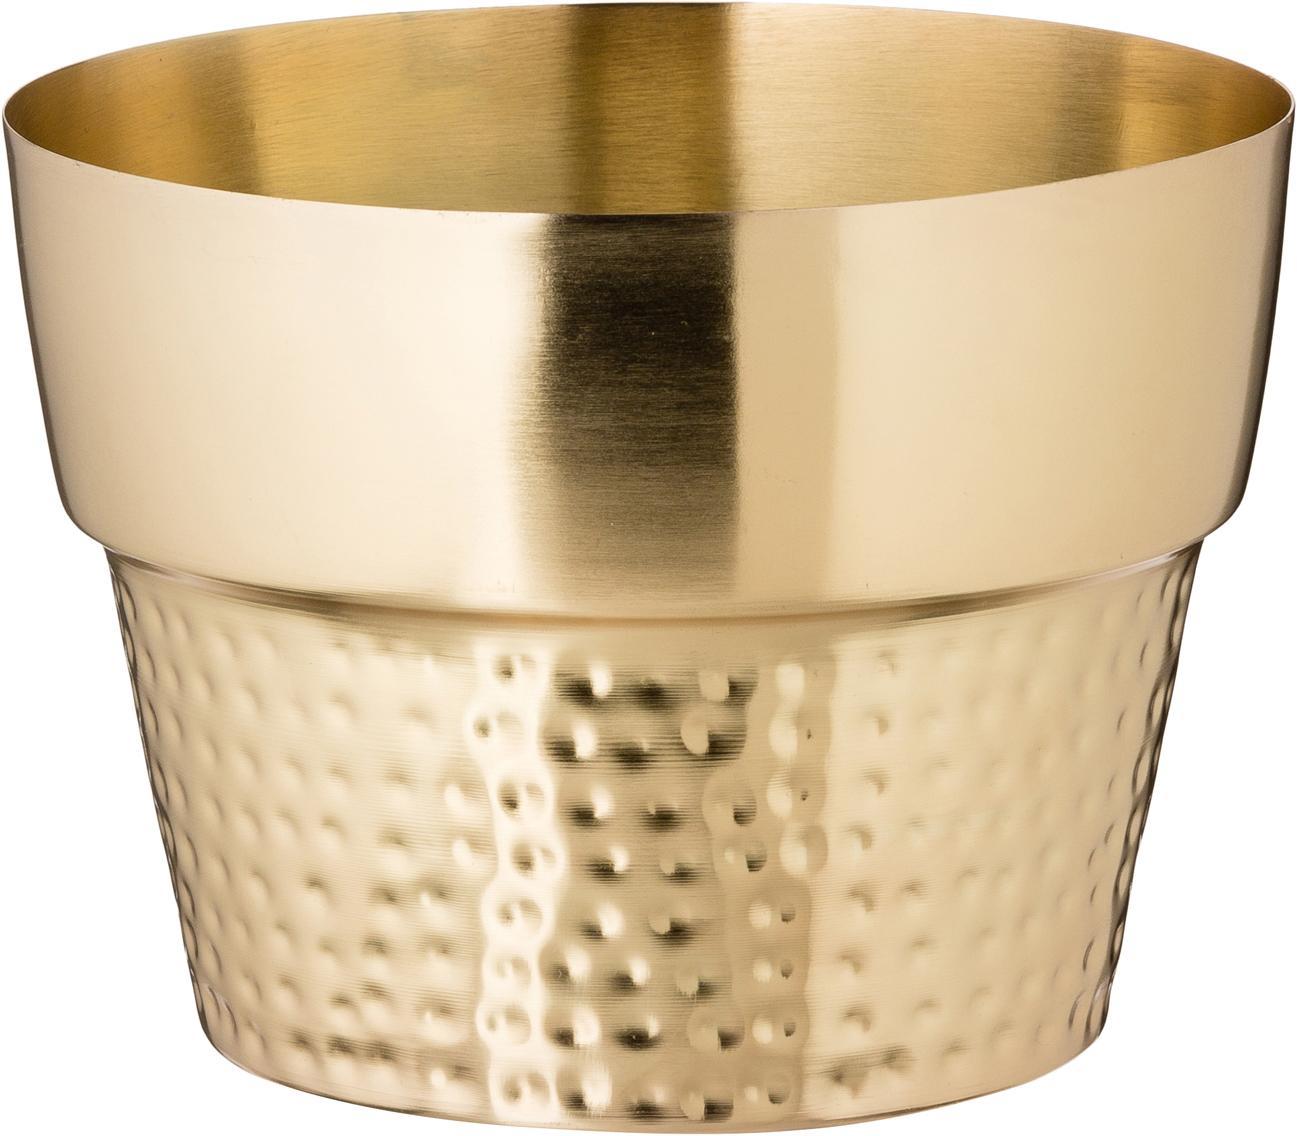 Porta vaso in acciaio inossidabile Tibor, Accaio inossidabile, verniciato, Dorato, Ø 17 x Alt. 13 cm